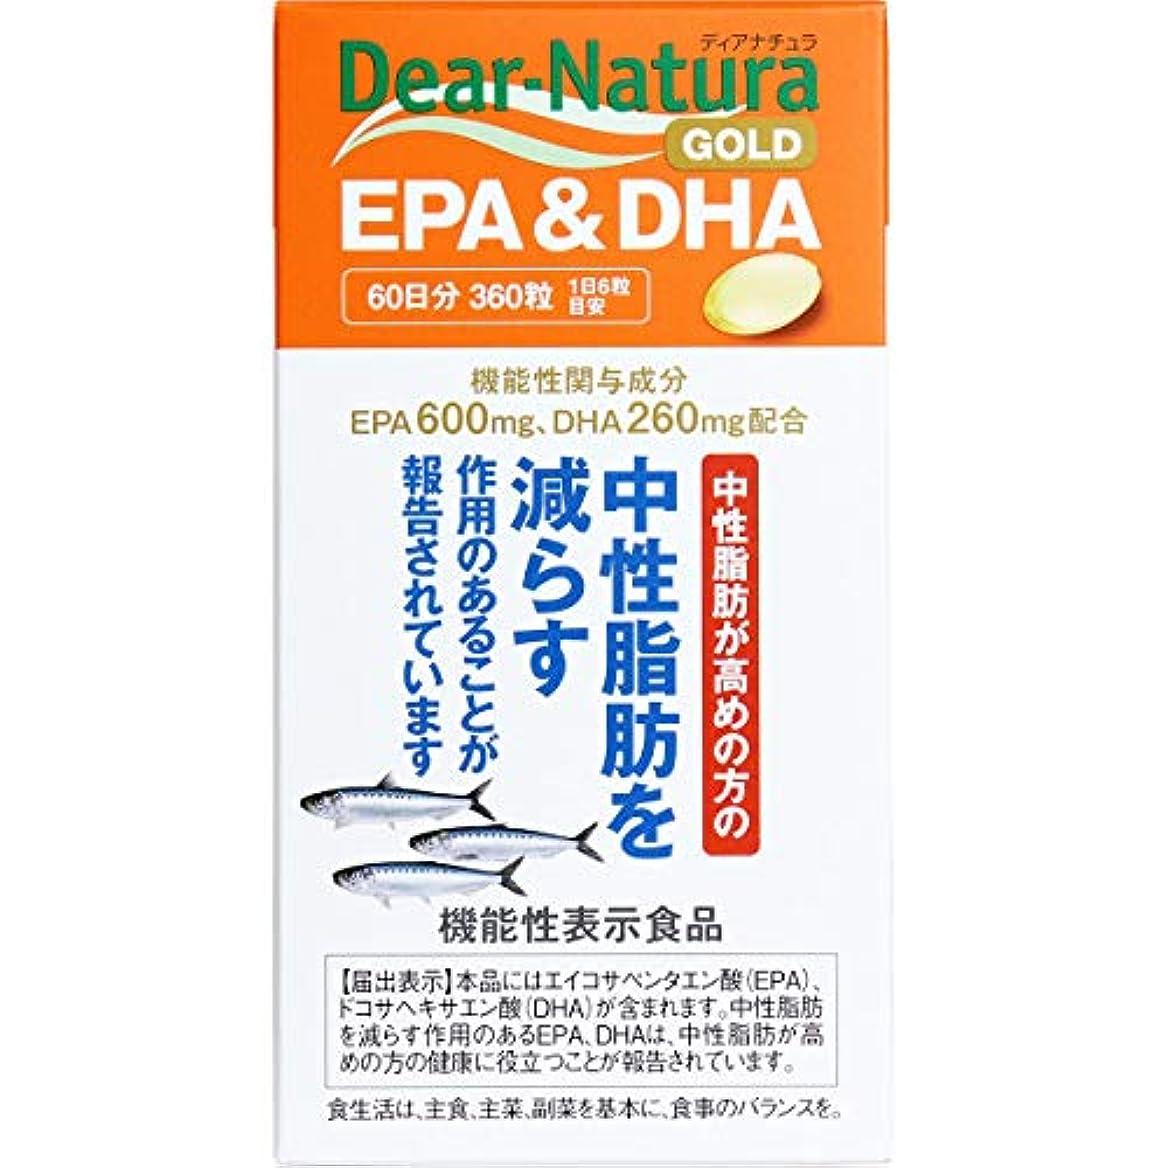 ことわざ君主制サスペンドディアナチュラゴールド EPA&DHA 60日分 360粒入×5個セット